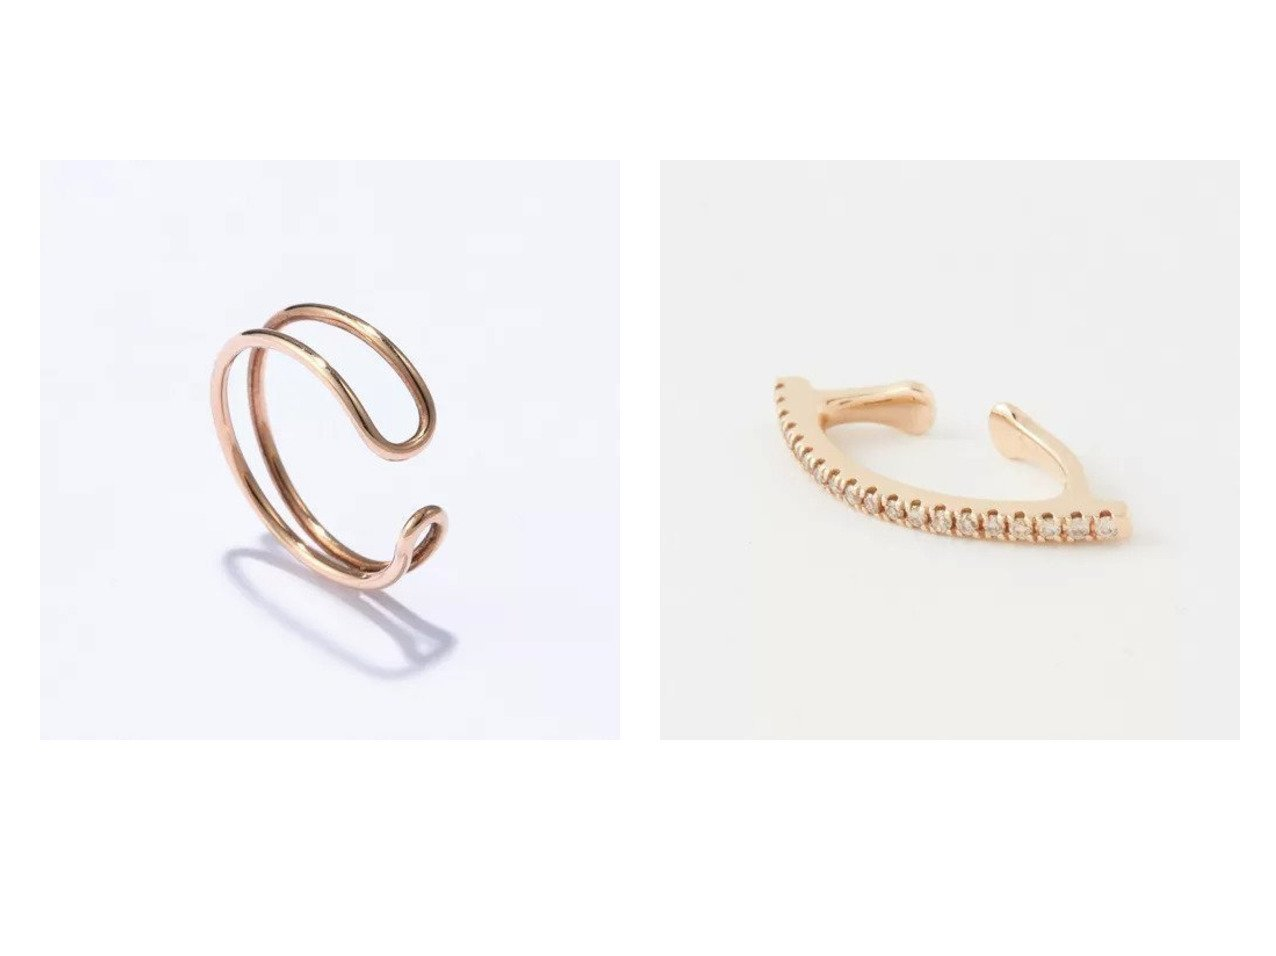 【Hirotaka/ヒロタカ】のDouble Line Ear Cuff&Diamond Bow Ear Cuff おすすめ!人気トレンド・レディースファッションの通販  おすすめで人気のファッション通販商品 インテリア・家具・キッズファッション・メンズファッション・レディースファッション・服の通販 founy(ファニー) https://founy.com/ ファッション Fashion レディースファッション WOMEN ジュエリー Jewelry リング Rings イヤリング Earrings アクセサリー イヤリング イヤーカフ シンプル フィット  ID:crp329100000008192